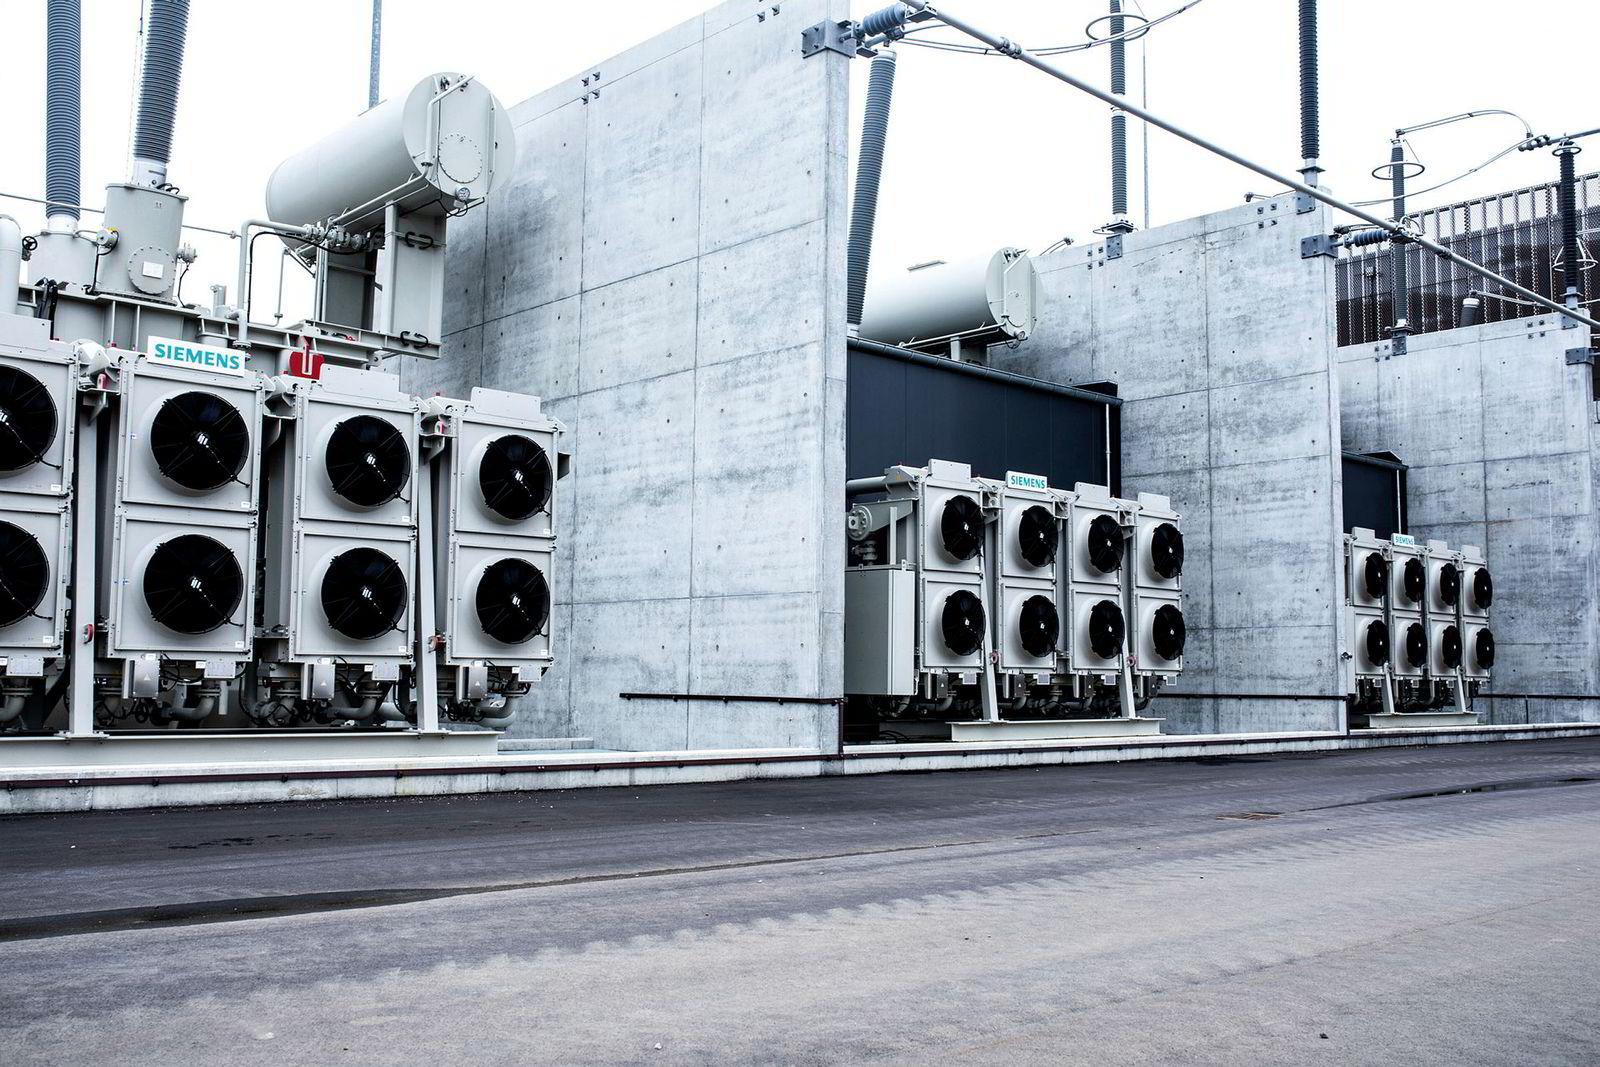 Den høye sikkerheten i Danmark opprettholdes blant annet ved hjelp av digitale transformatorstasjoner som disse.